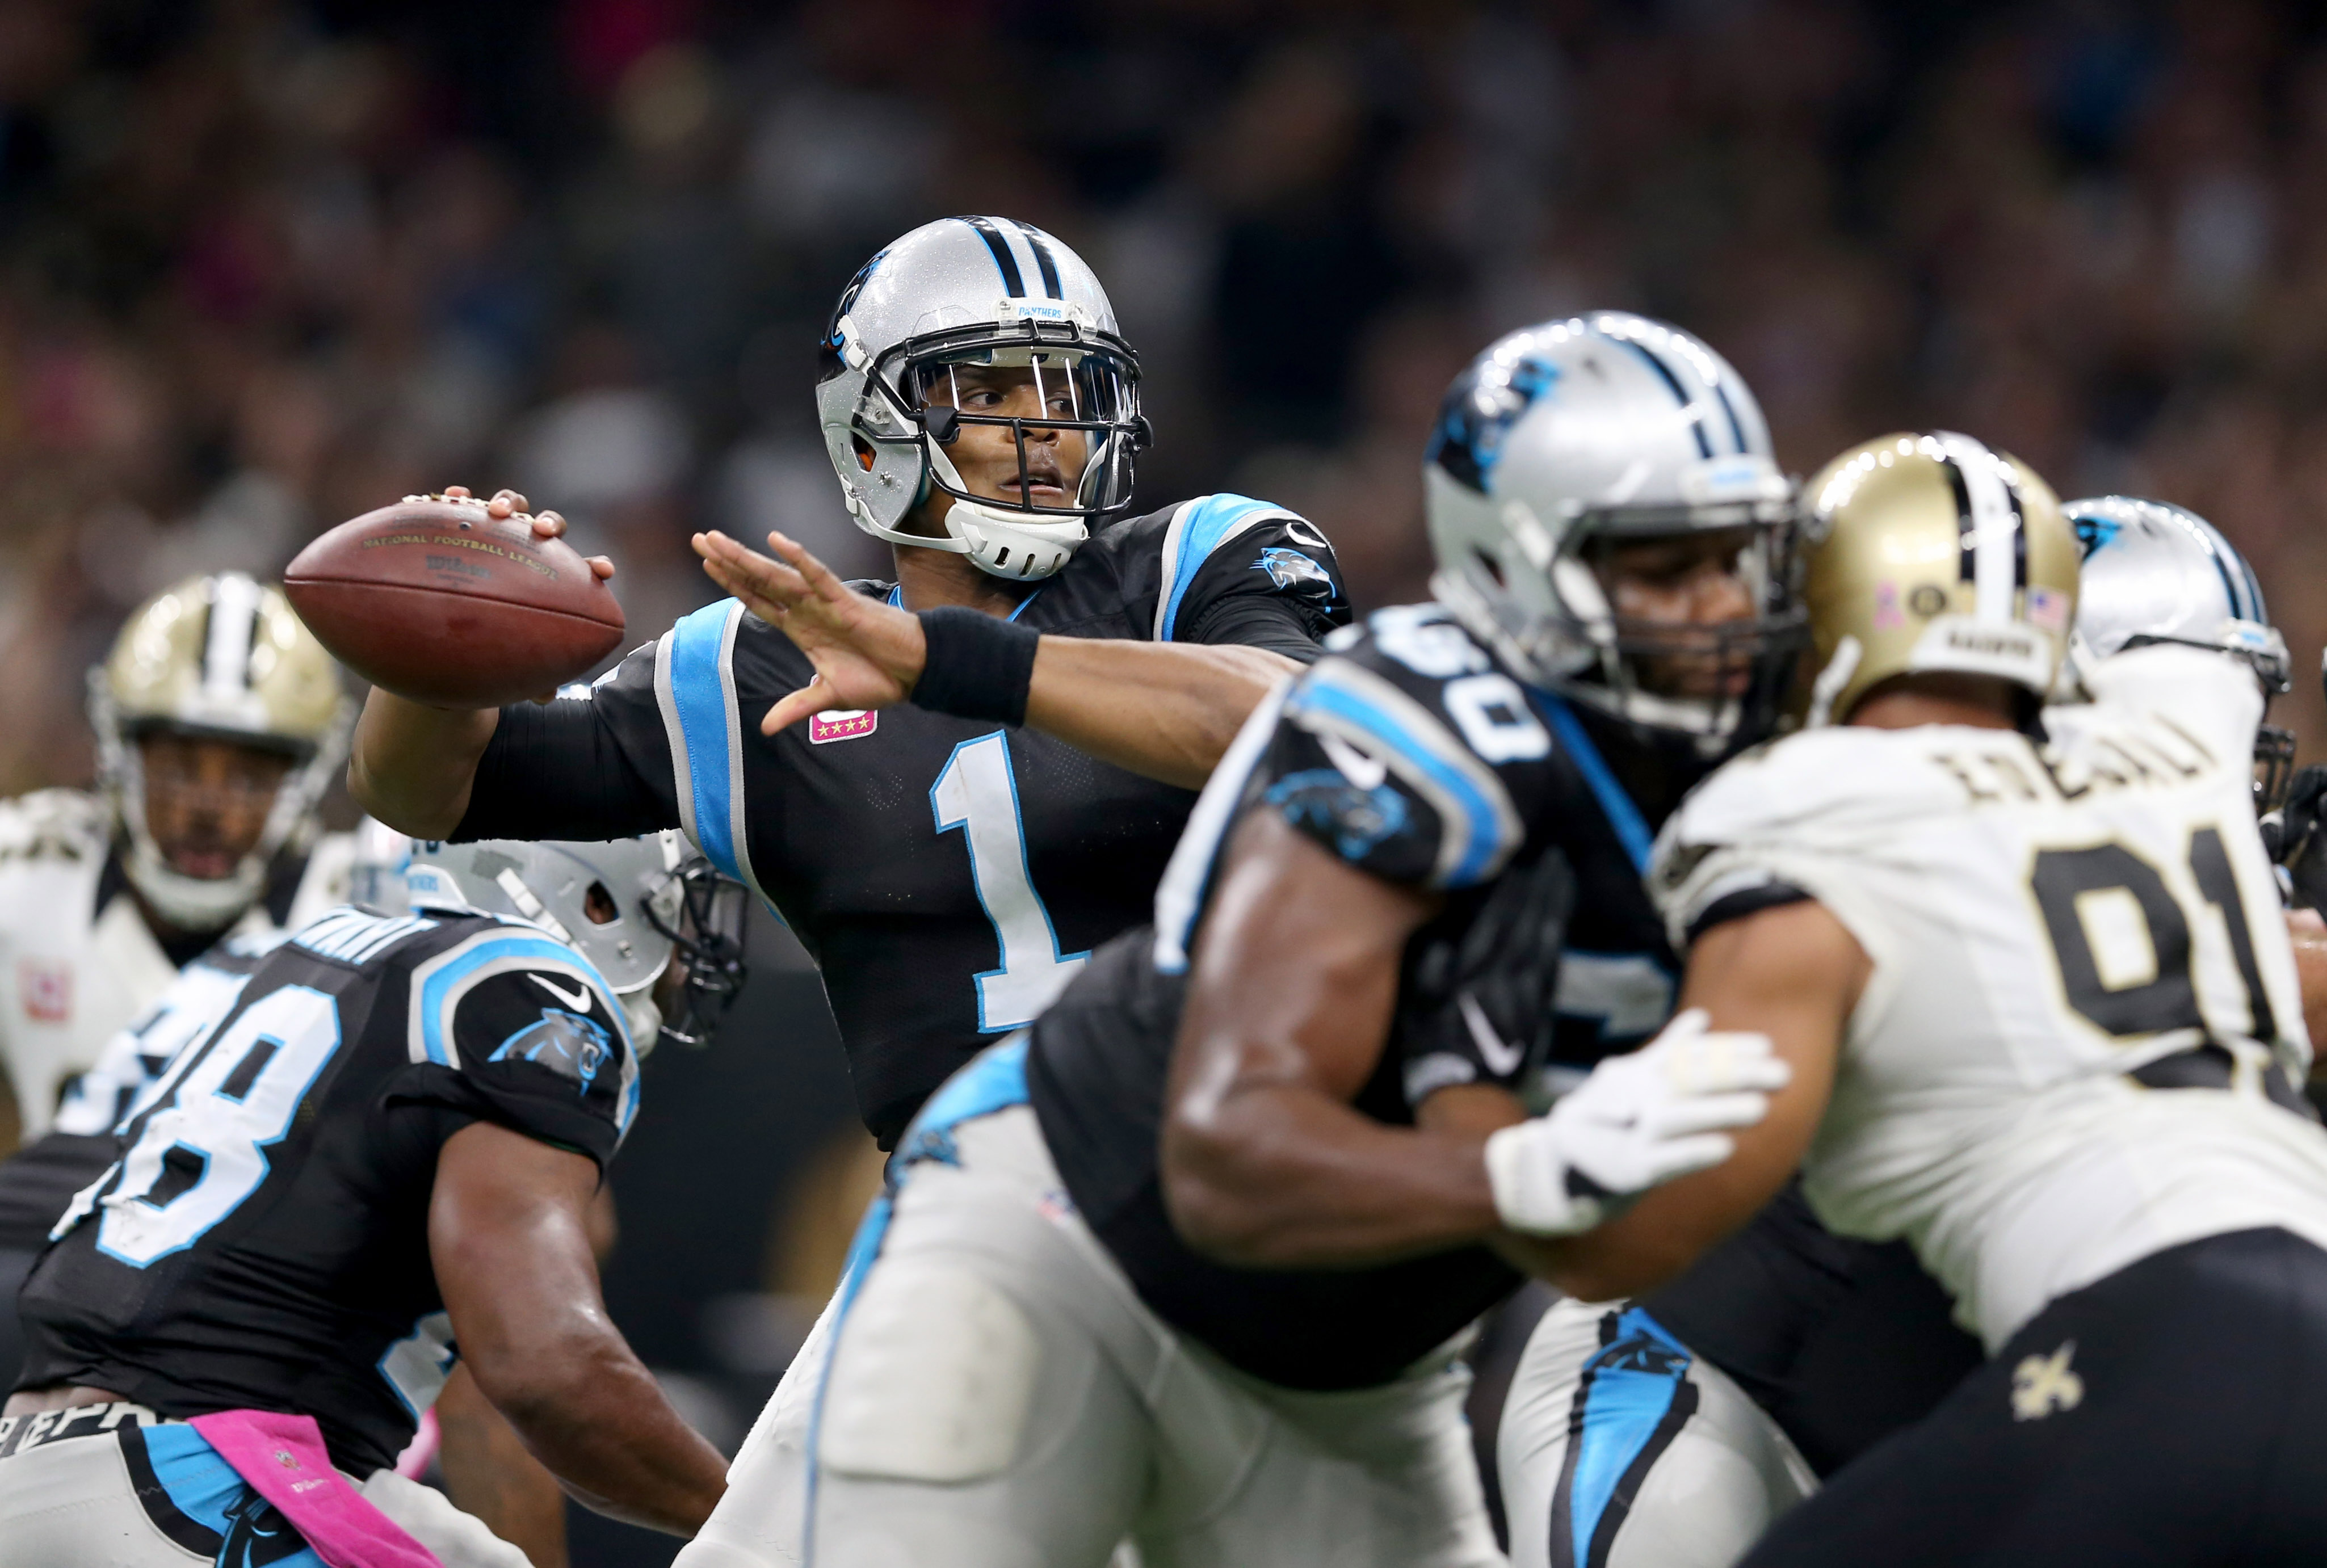 Panthers 53-man Roster: Introducing your 2016 Carolina Panthers ...